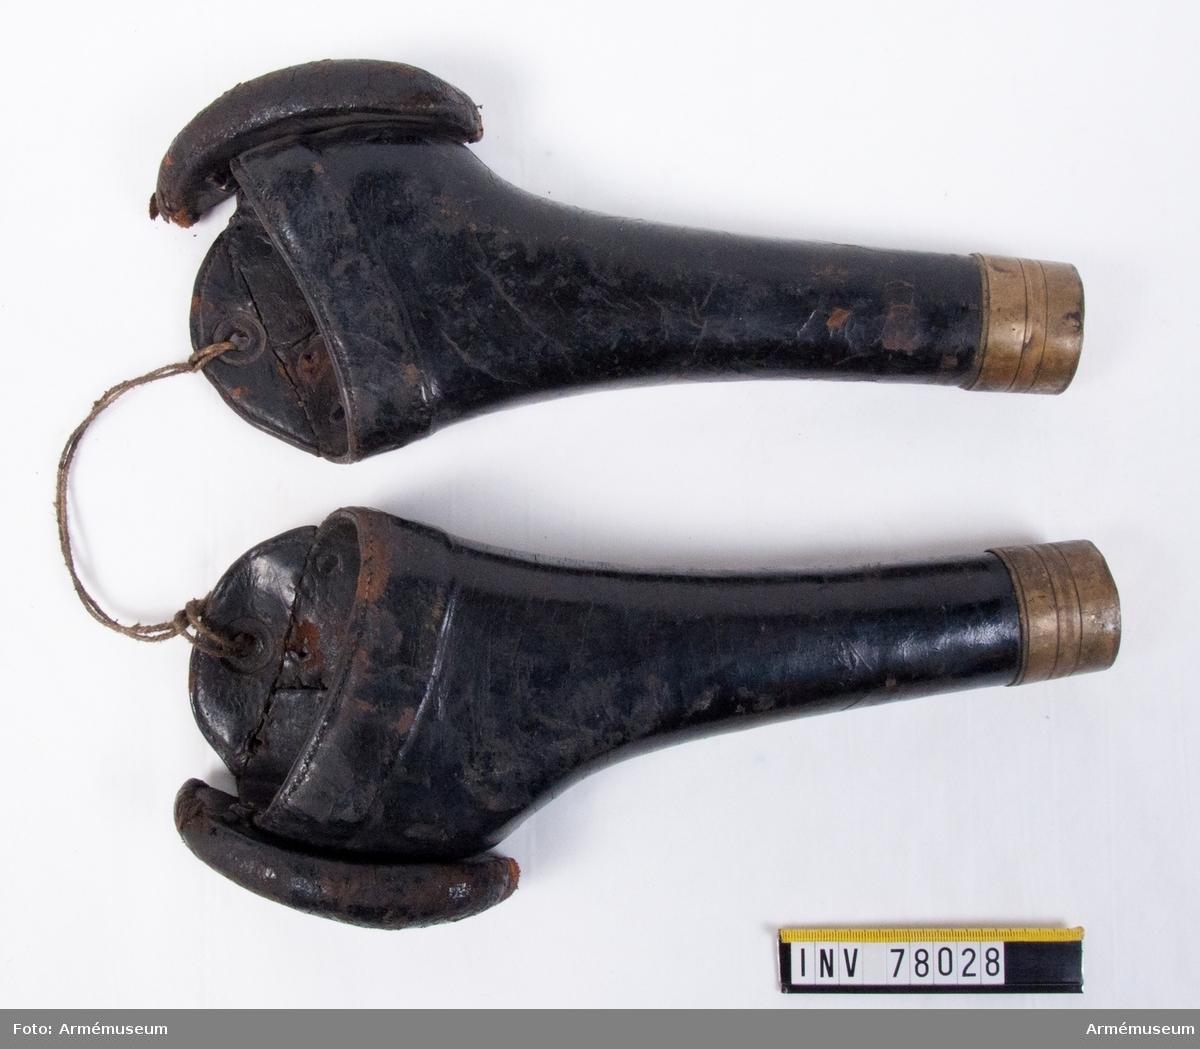 Grupp K I. Pistolhölster till sadelmundering för officershäst; 1845.  Sadelmunderingen består av: 1 sadel med tillbehör 2 förbygel 3 ryggstycke 4 valltrapp m/1876 5 övergjord 6 omslagsrem 7 stång- och bridongbetsel 8 pistolhölster, 1 par 9 hästmannekäng (Inköpt 1914)  Betslet utgöres av: 1) bridong, 2) stångbetslet och 3) halsgrimma med grimskaft.  Bridongen består av: 1) huvudlag, 2) bridongbett och 3) bridongtyglar.  Huvudlaget  består av: a) nackstycke, 15 mm bred, b) sidstycken, 15 mm breda, varje med två svartlackerade söljor. Bridongbettet påminner om m/1867, men har tvådelat bett och består av: a) tvådelat bett, med 14 cm bredd mellan tygelringarna, b) tygelringar, 50 mm i diam, med uppstående sidstänger, vilka utformade upptill till ringar, 30 mm i diam, för att sammankopplas med sidstyckena.  Bridongtyglarna är 16 mm breda, hopspända i tygelringarna och med varandra.  Stångbetslet består av: 1) huvudlag, 2) stångbett och 3) stångtyglar.  Huvudlaget består av: a) nackstycke, 30 mm brett, med dubbla stroppar, en kedja av järn, 15 cm lång, två hakar och ett hakeläder med hake, b) sidstycken, 15 mm breda, varje med två svartlackerade söljor, c) käkrem, 15 mm bredl ned två svartlackerade söljor, d) pannrem, 23 mm bred, rörlig, e) nosrem, 15 mm bred, trädd genom sidstyckena och försedd med en svartlackerad sölja. Stångbettet påminner om m/Sandström och består av: a) mellanstycke, med 12 cm bredd mellan sidstängerna och kraftig uppbockning, b) sidstänger, fasta och raka, 16,5 cm långa, c) vridbara tygelringar, 33 mm i diam, d) lös kindkedja.  Anm m/Sandström, se Tygmaterielkatalog KAFT nov 1947. Stångtyglarna är 17 mm breda, hopspända i tygelringarna, sammansydda med varandra och försedda med en löpare.  Halsgrimma med grimskaft. Halsgrimma består av: a) halsrem, 20 mm bred, som spännes med en sölja på sidan om hästens hals, b) ringläder med fastsydd järnring, för att sammankopplas med stångbetslet, c) mitt under hästens hals finns en fastsydd järnring för grimska